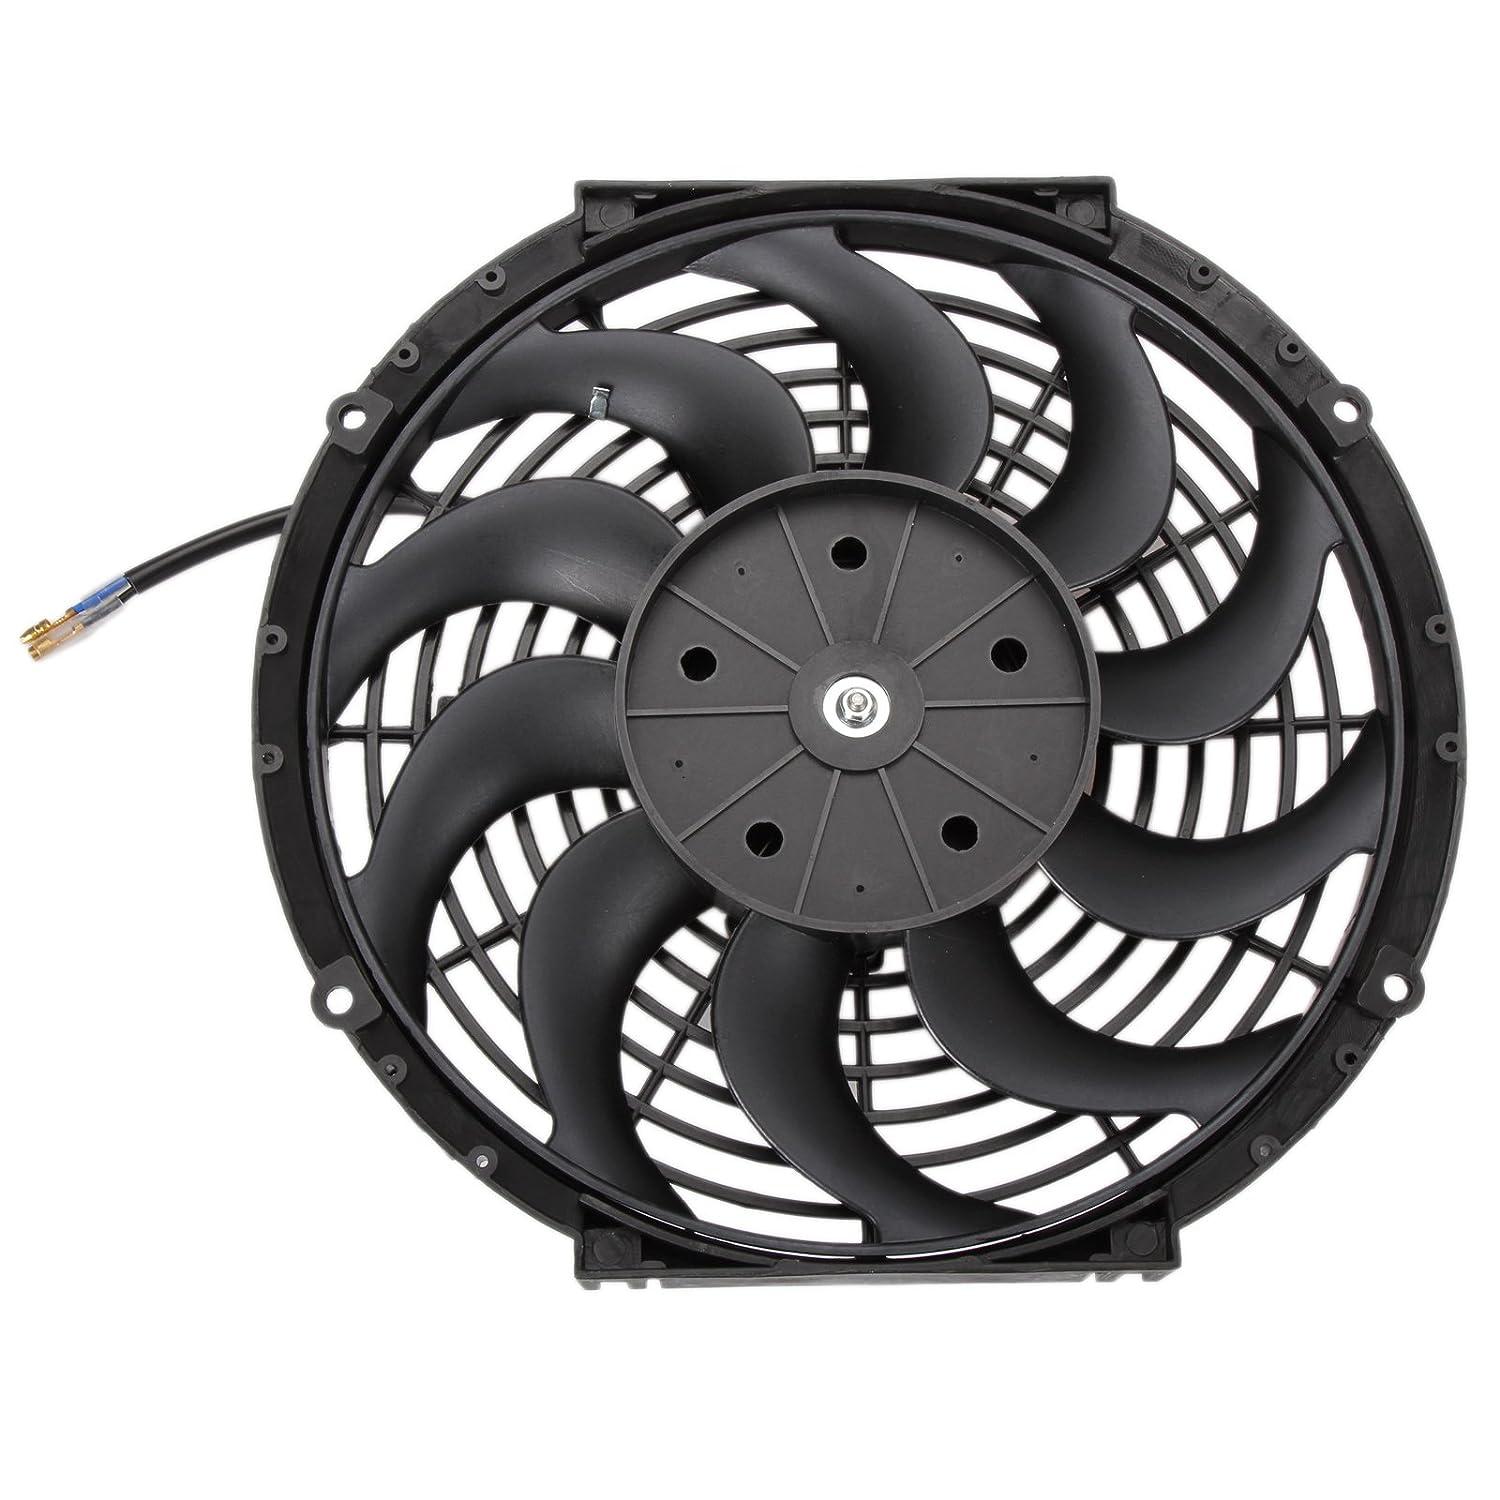 tensione 12/V Dromedary sottile diametro 30,5/cm ventola di raffreddamento per radiatore elettrico potenza 80 W